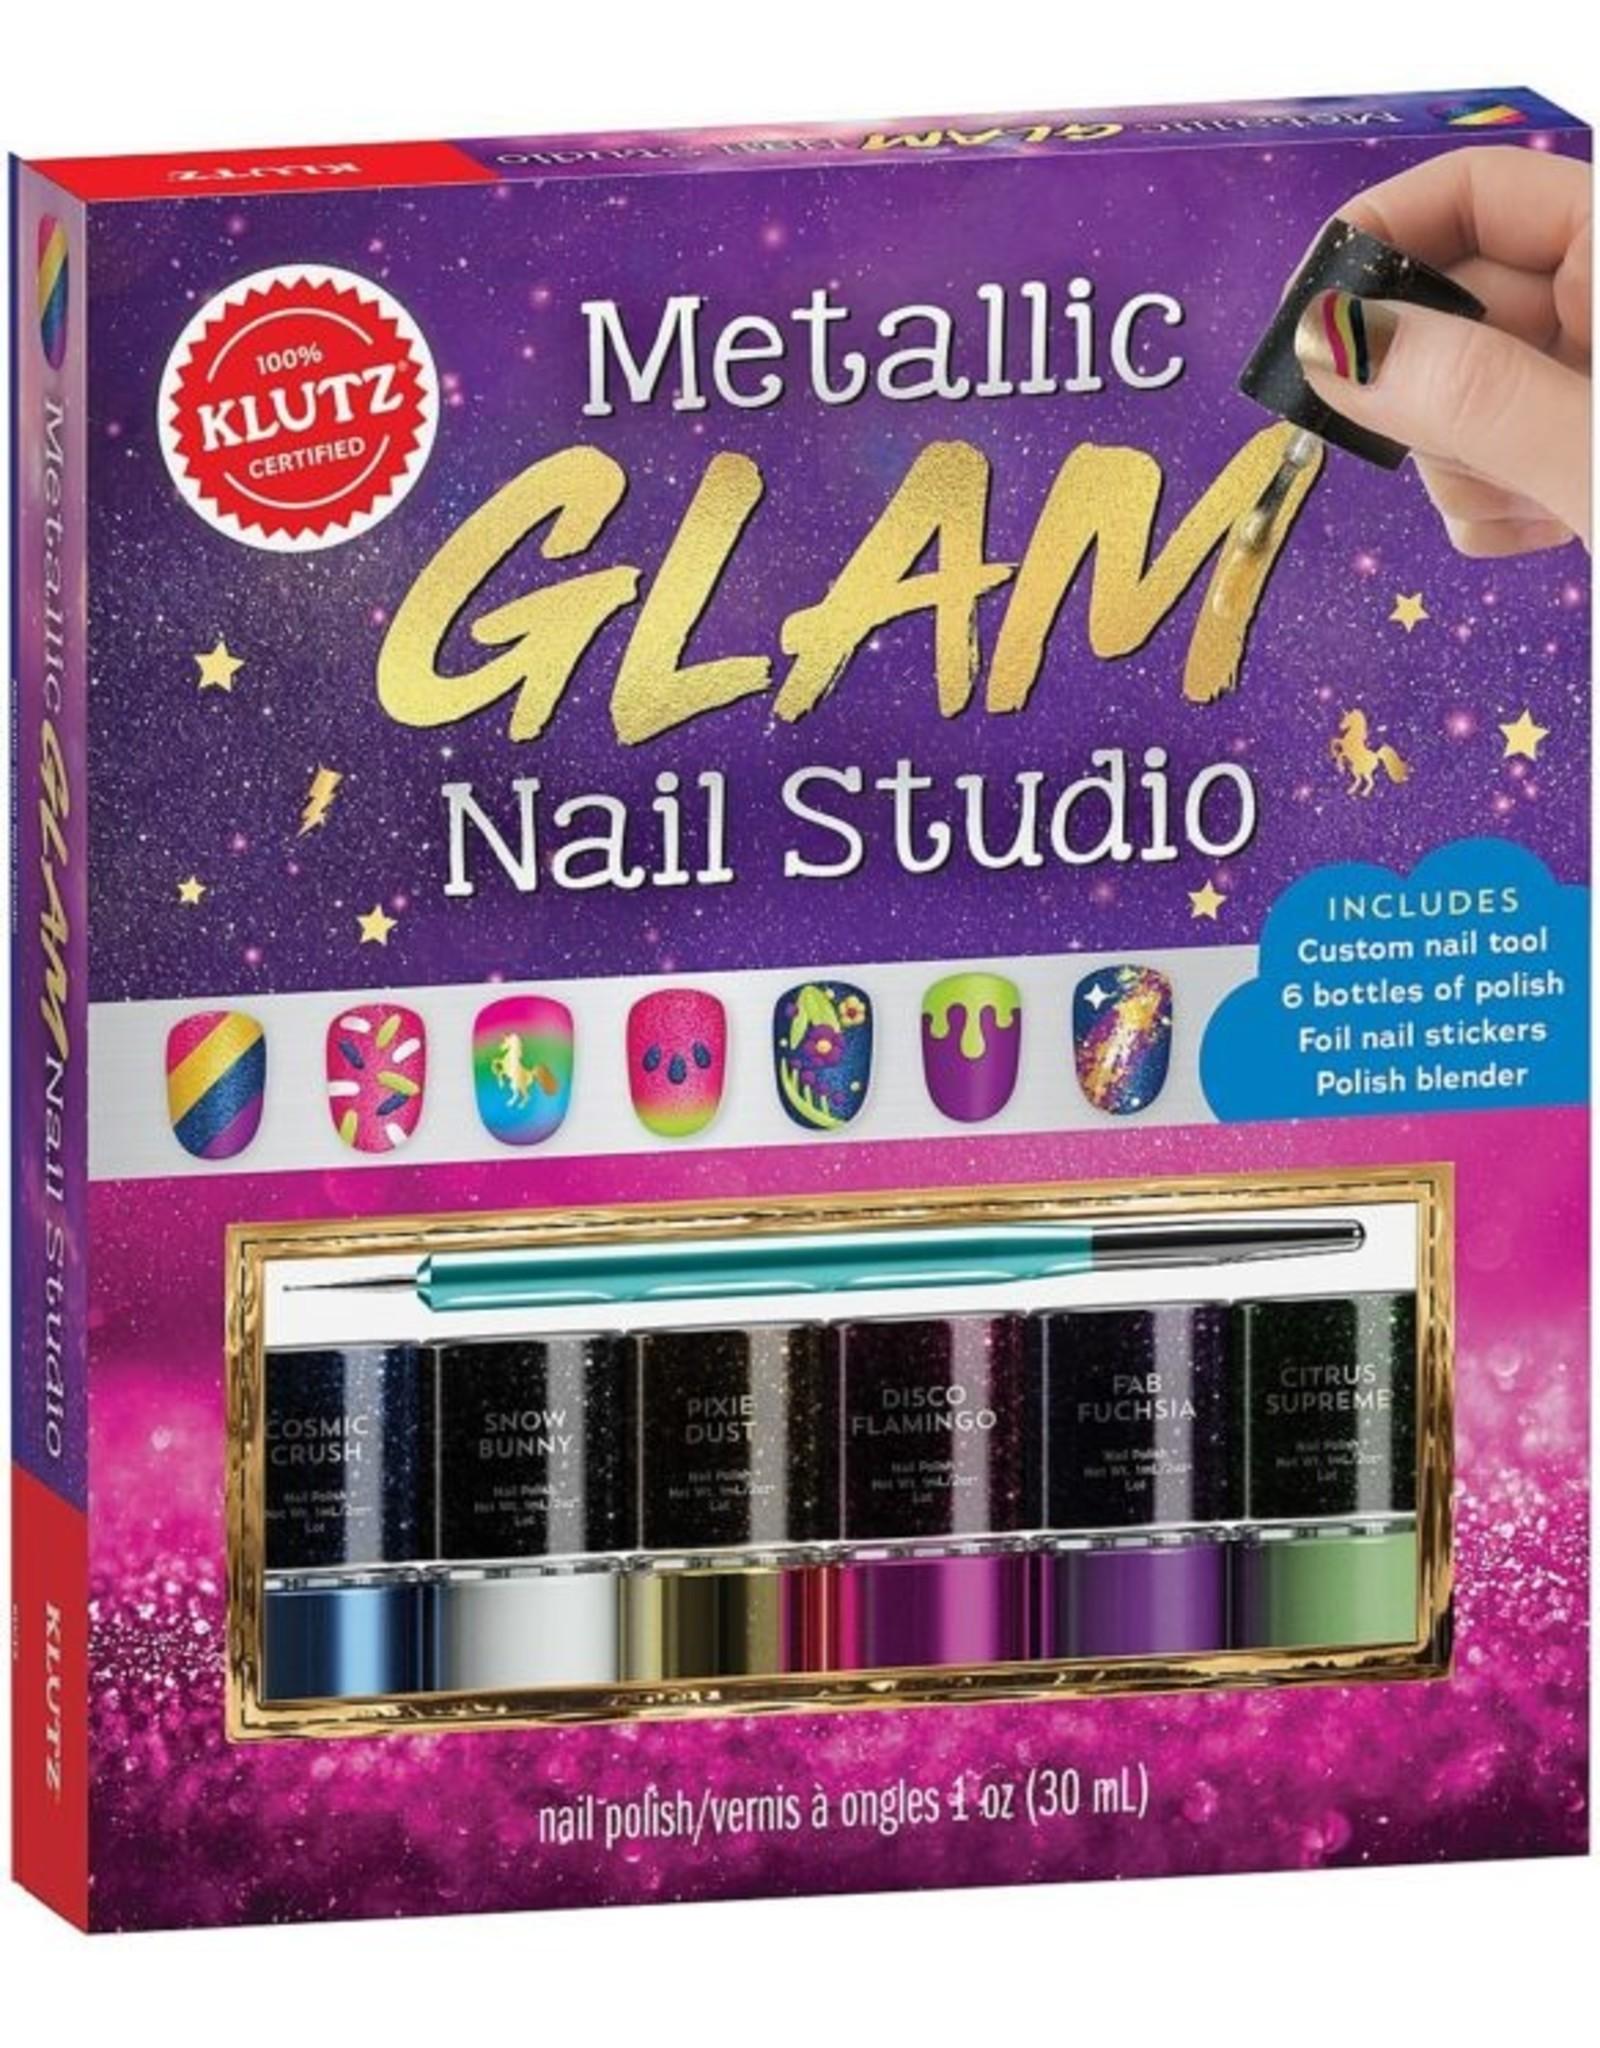 Klutz Metallic Glam Nail Studio